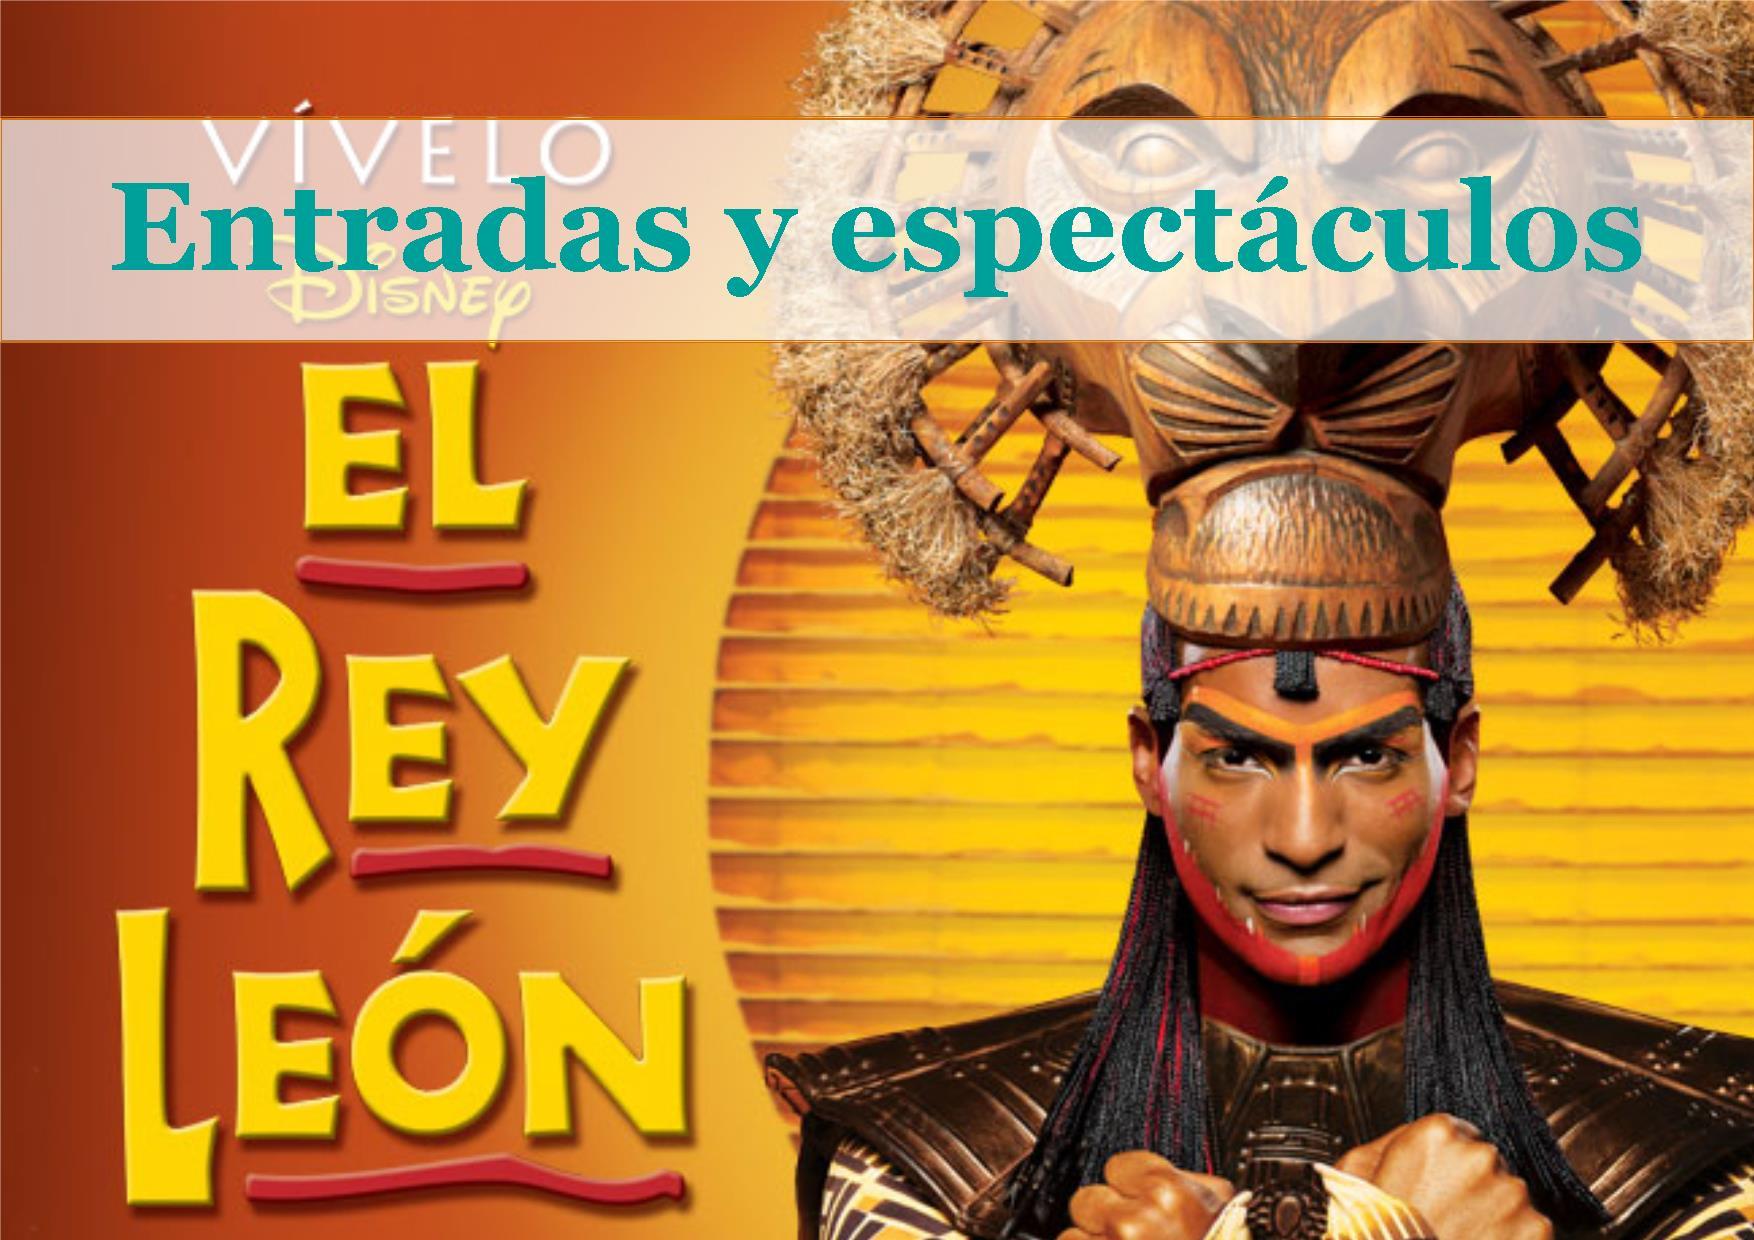 musicales y entradas a espectaculos, conciertos, cine, teatro. El rey leon. España y Europa.